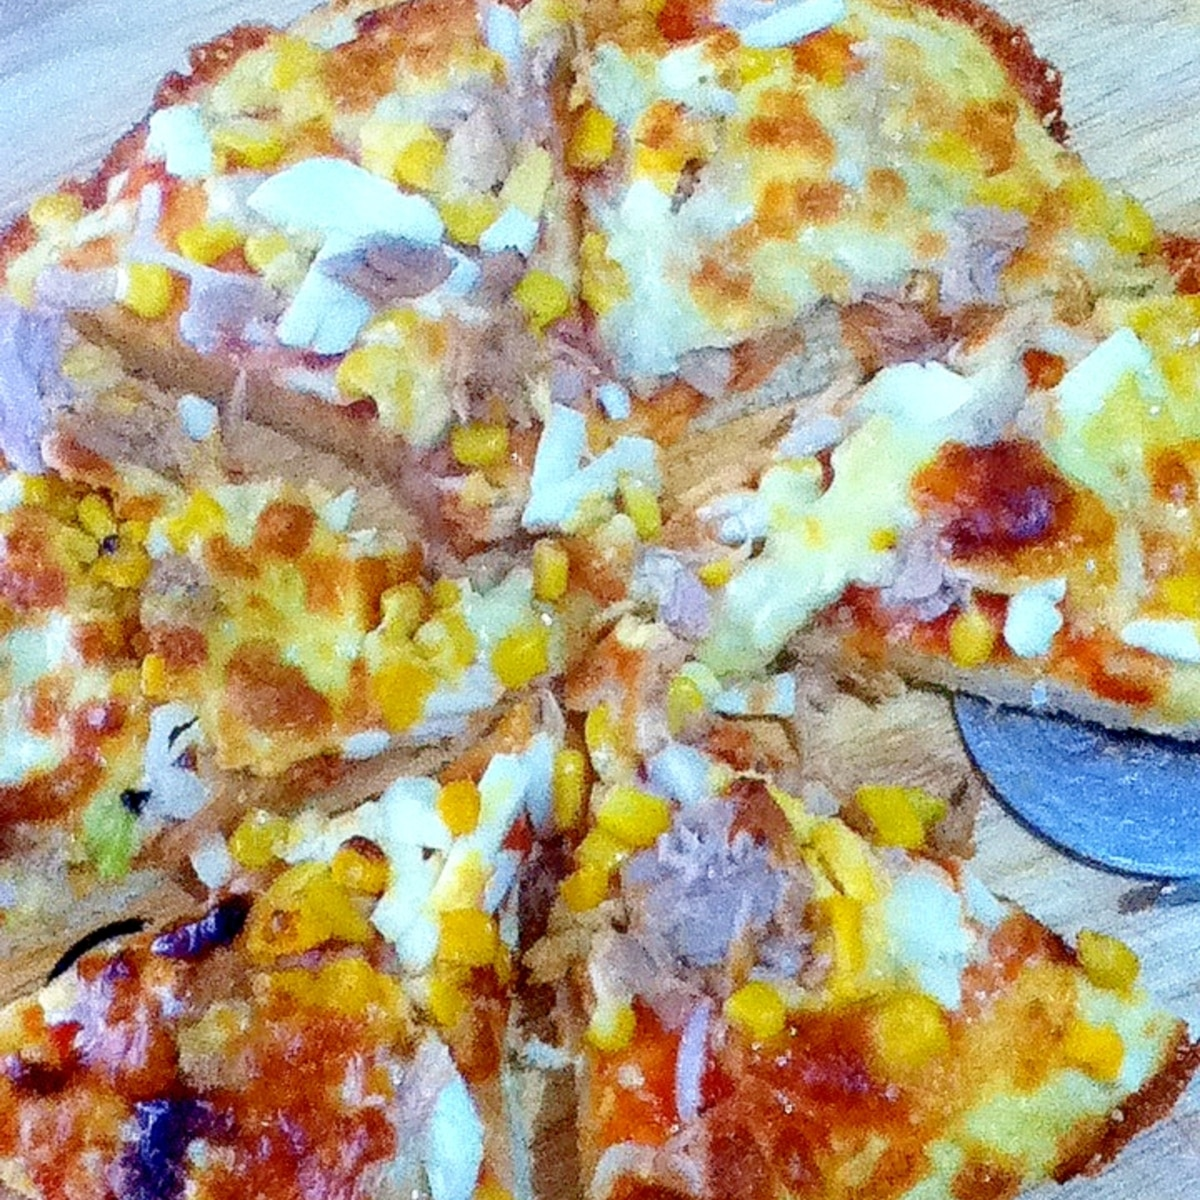 ドライ イースト 生地 なし ピザ